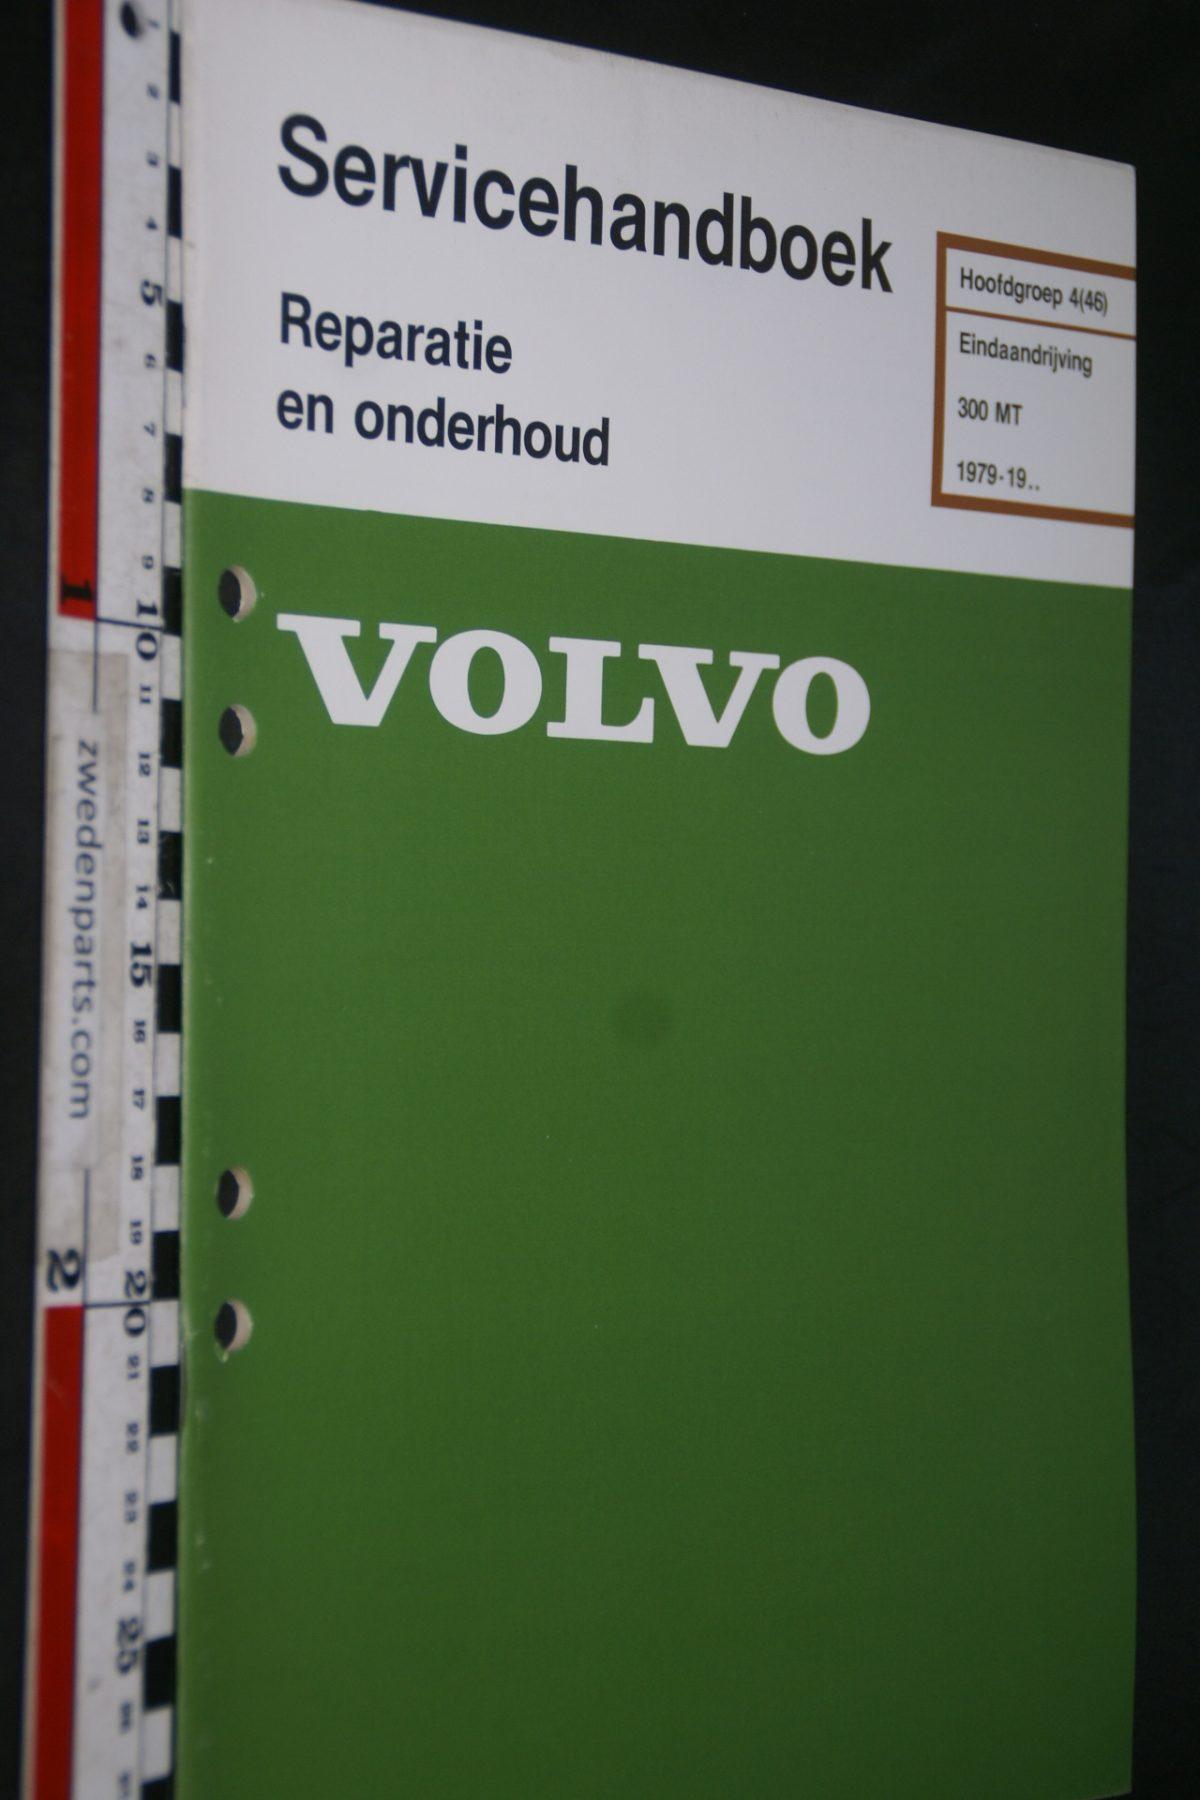 DSC06806 1982 origineel Volvo 300 MT servicehandboek 4(46) eindaandrijving 1 van 800 TP 35142-1